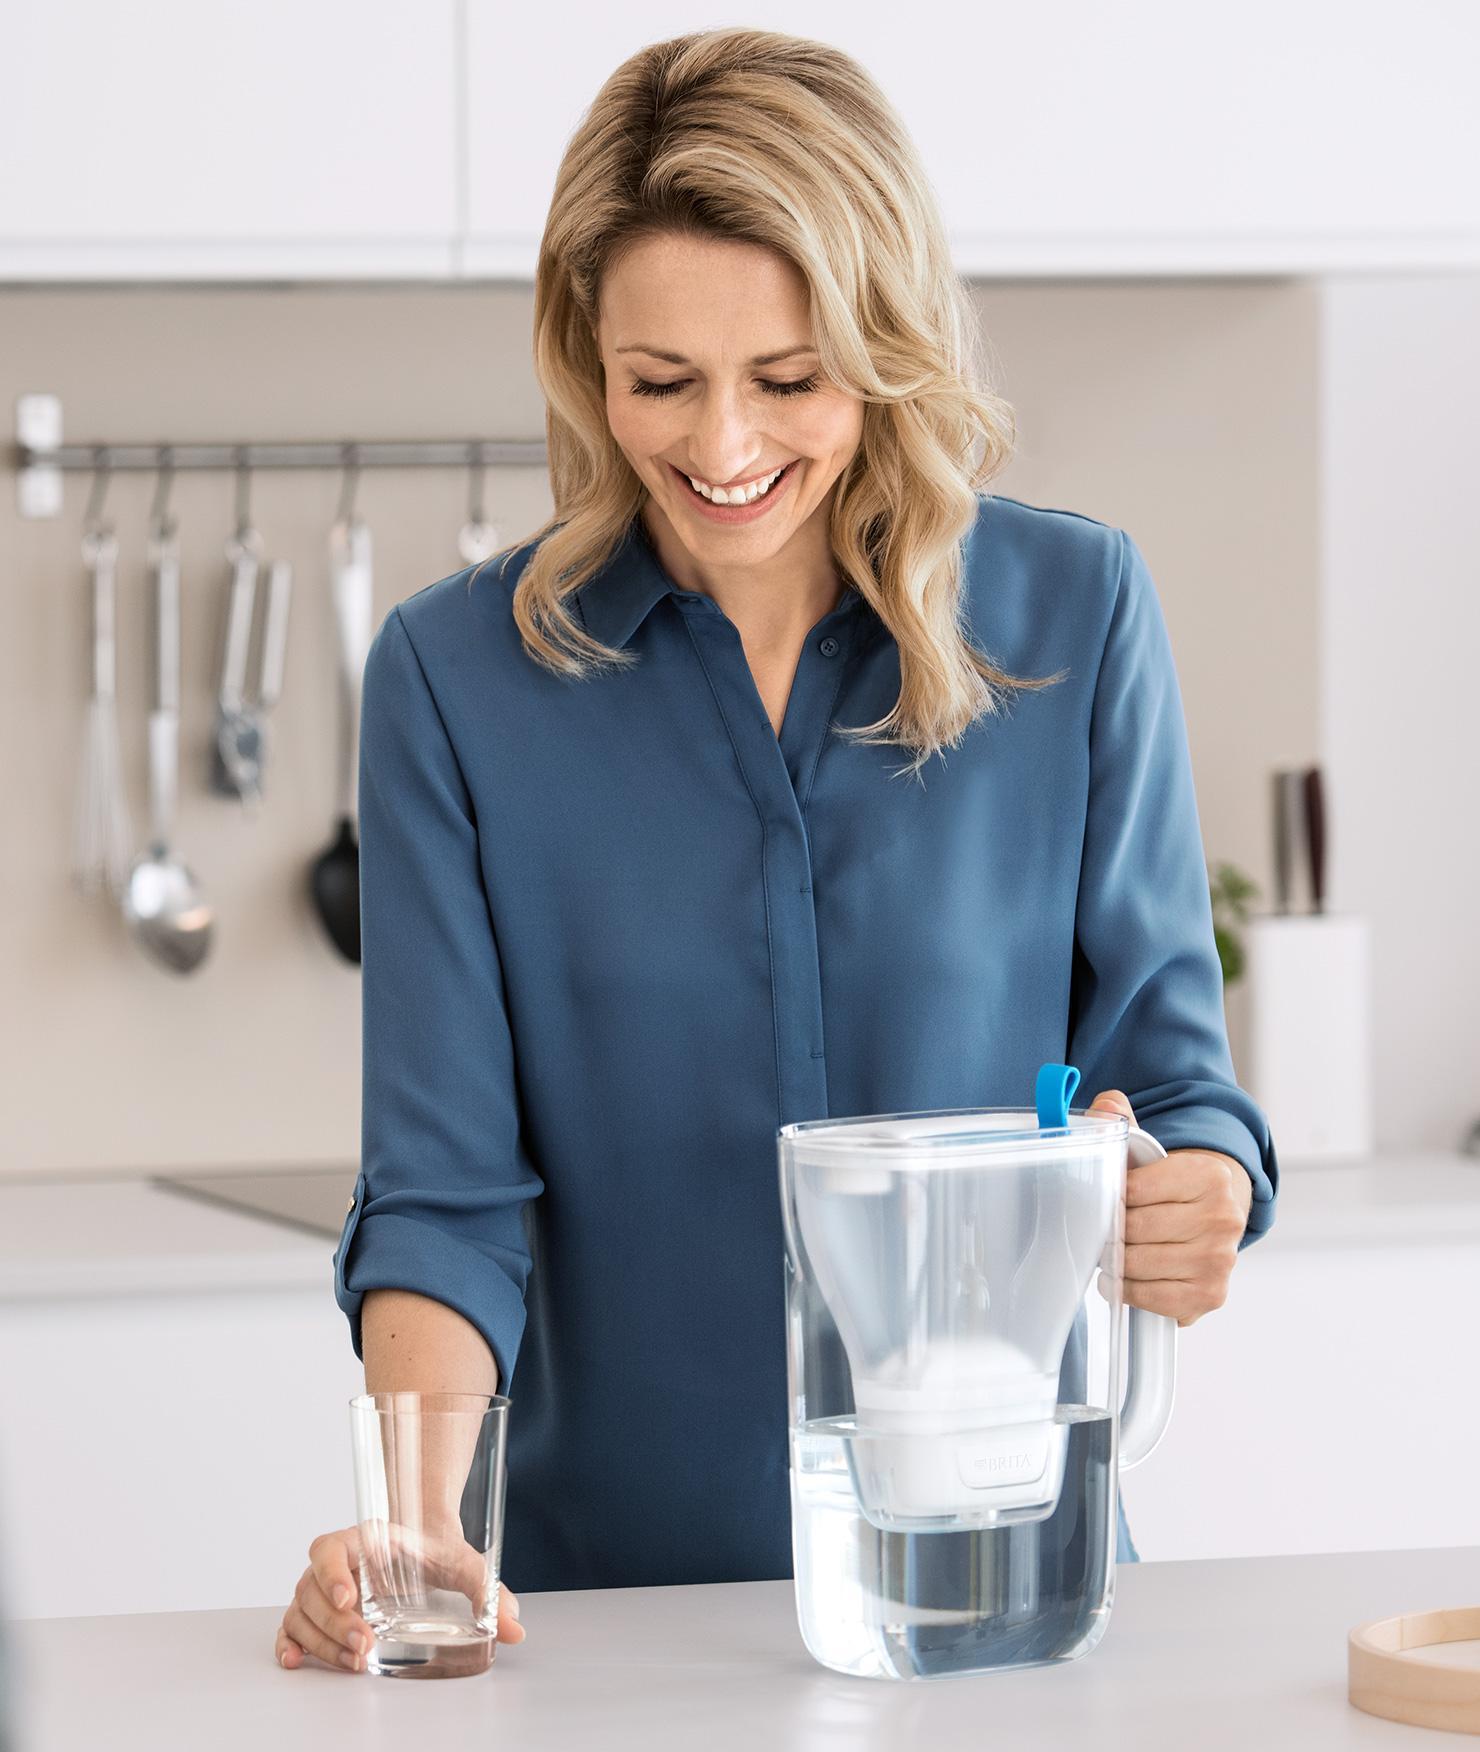 BRITA fill&enjoy Style: Paar steht in Küche